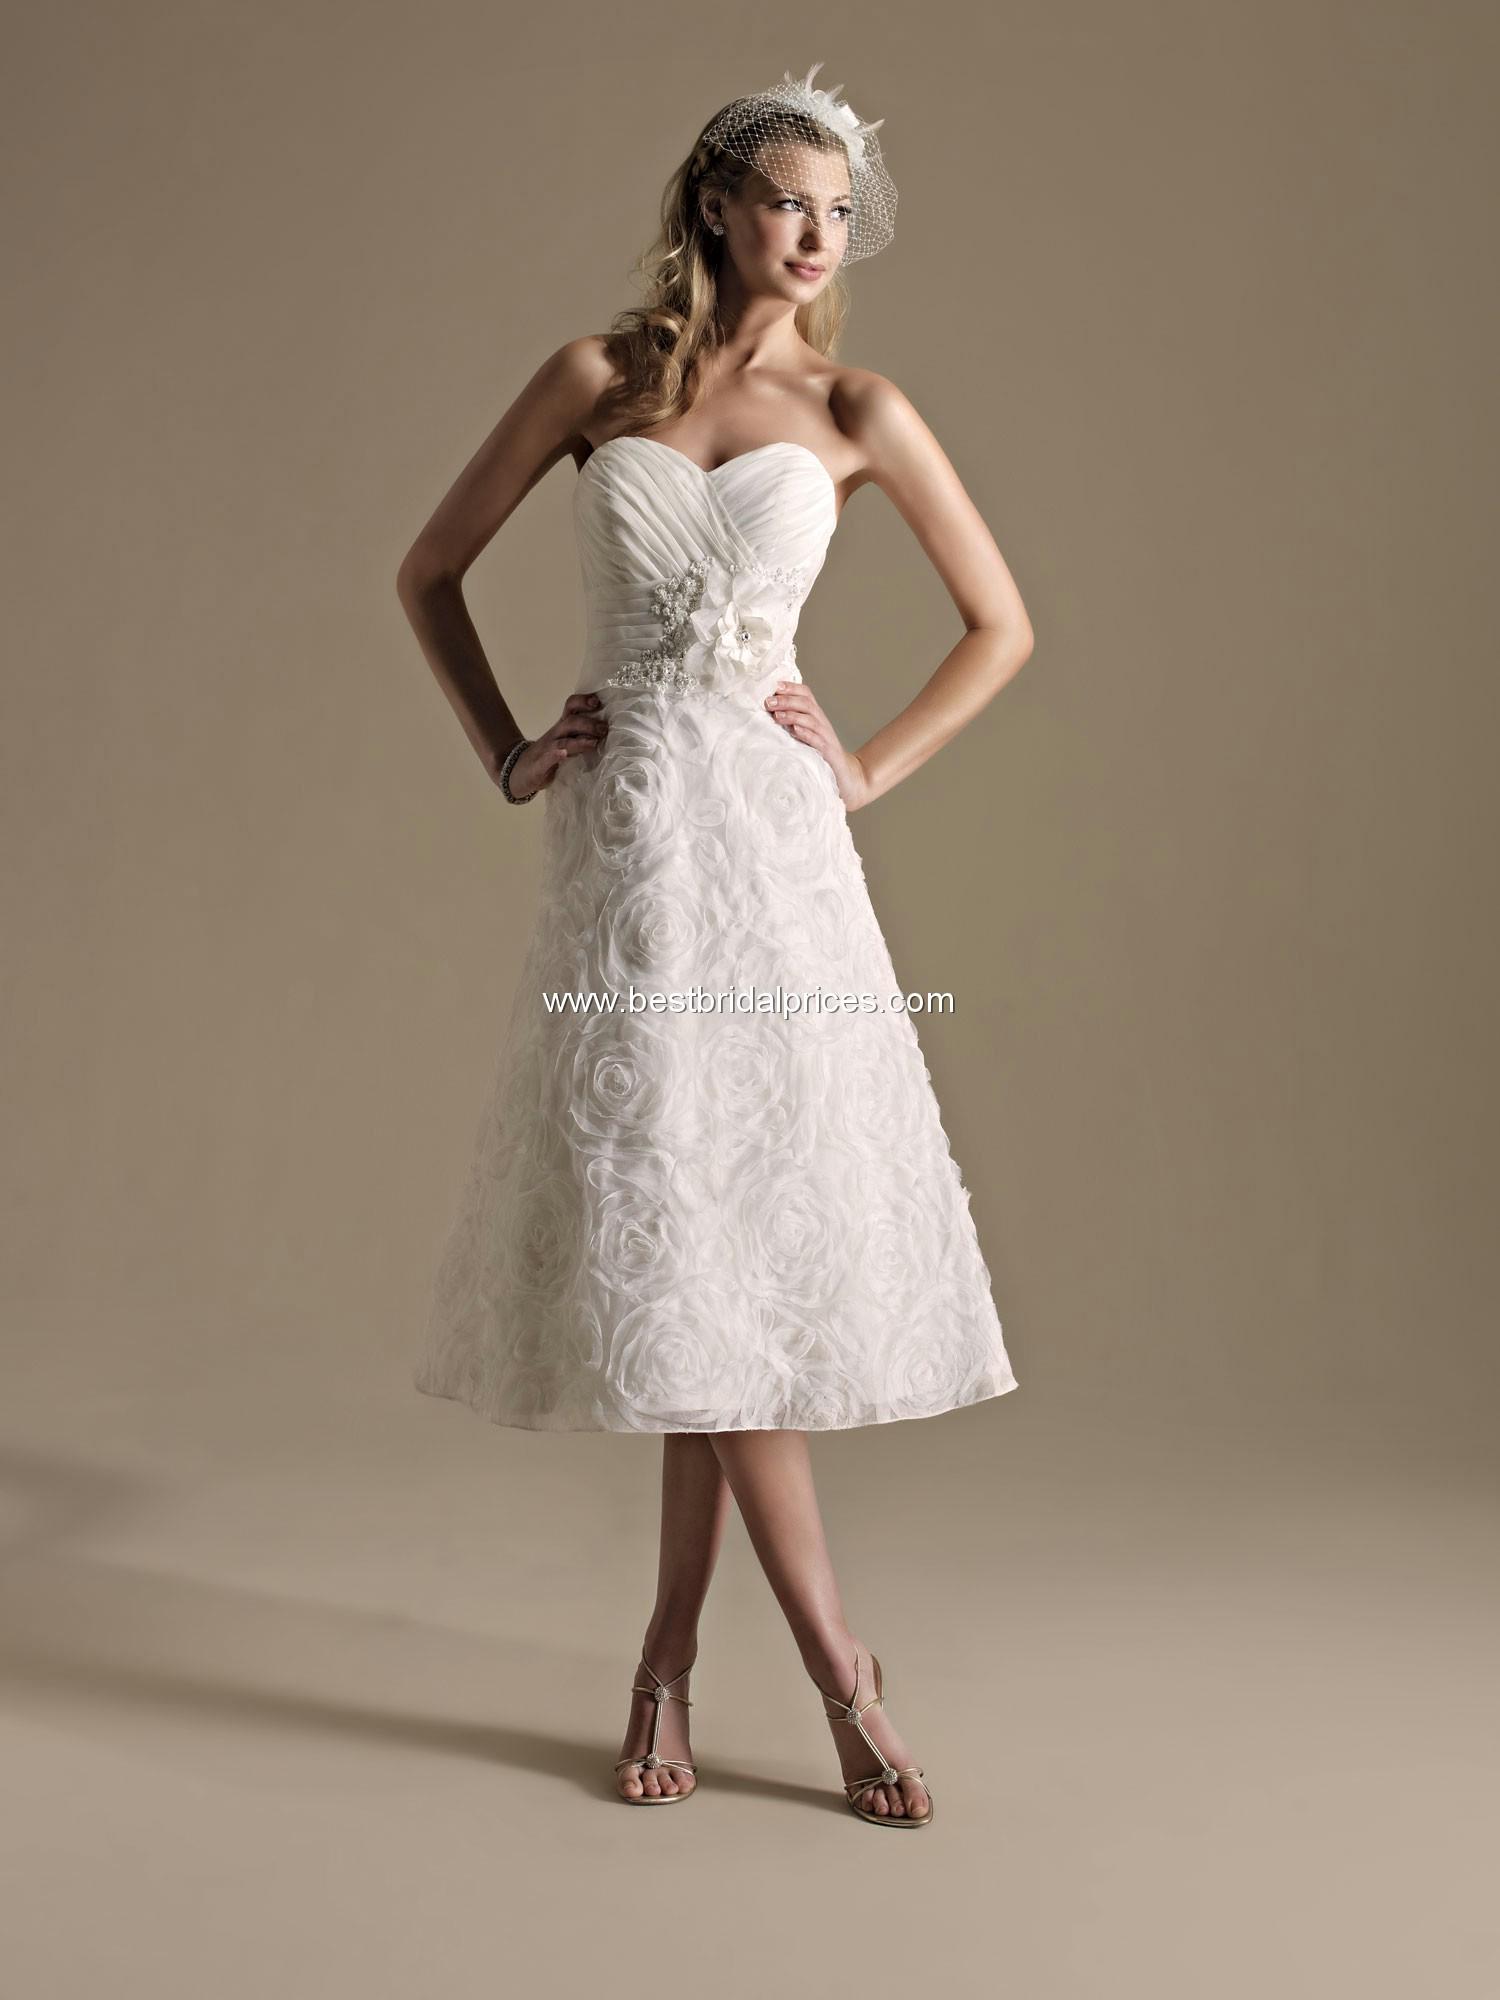 Top ten wedding dress style in 2013 tea length wedding for Tea length wedding dresses online